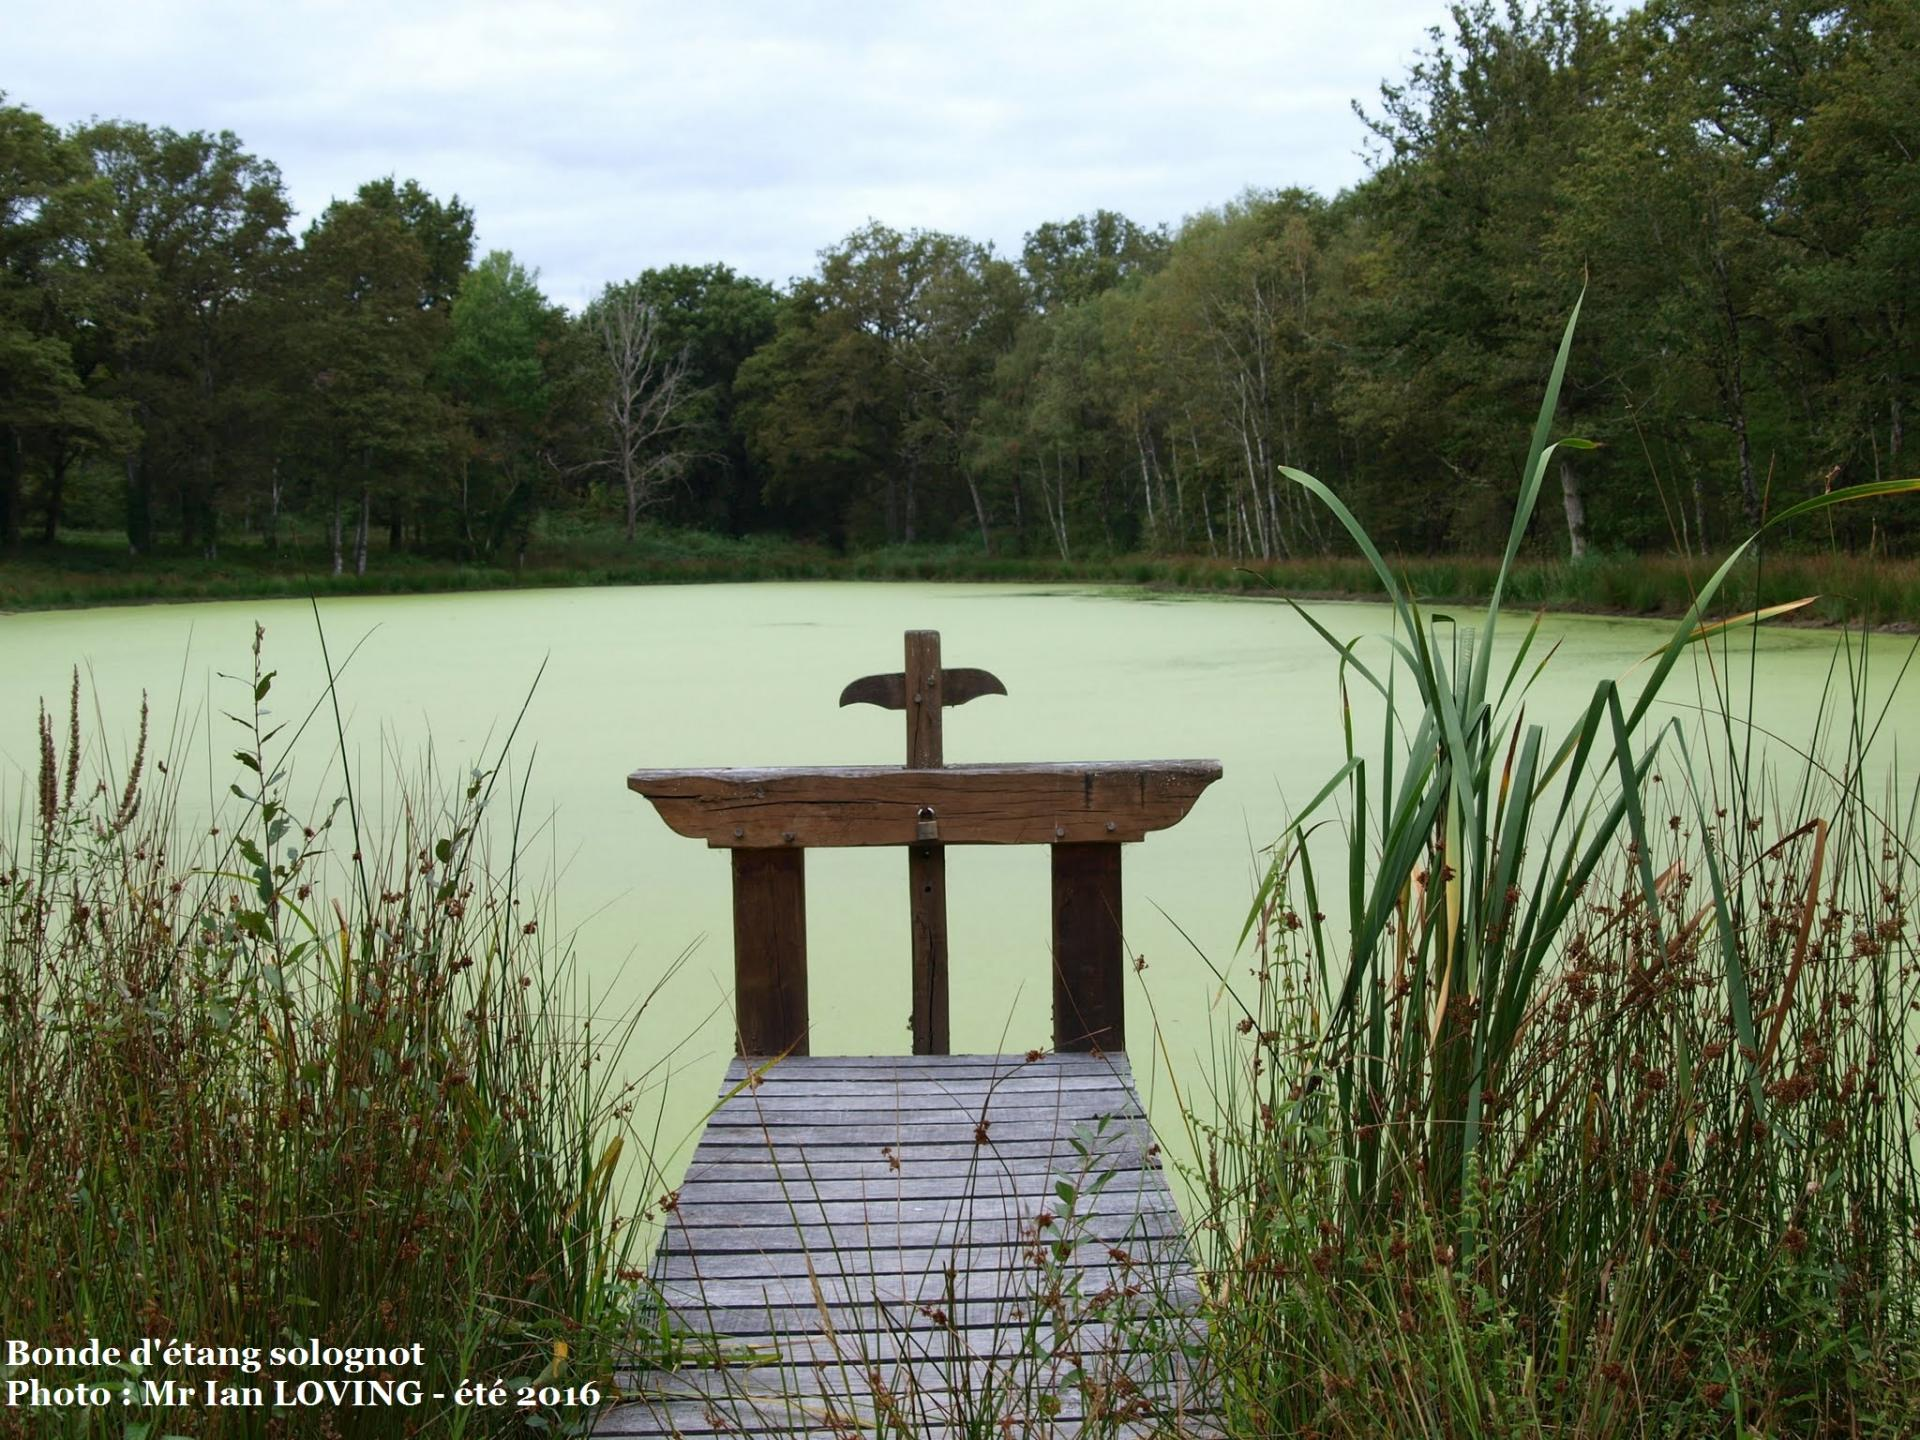 Bonde d'étang